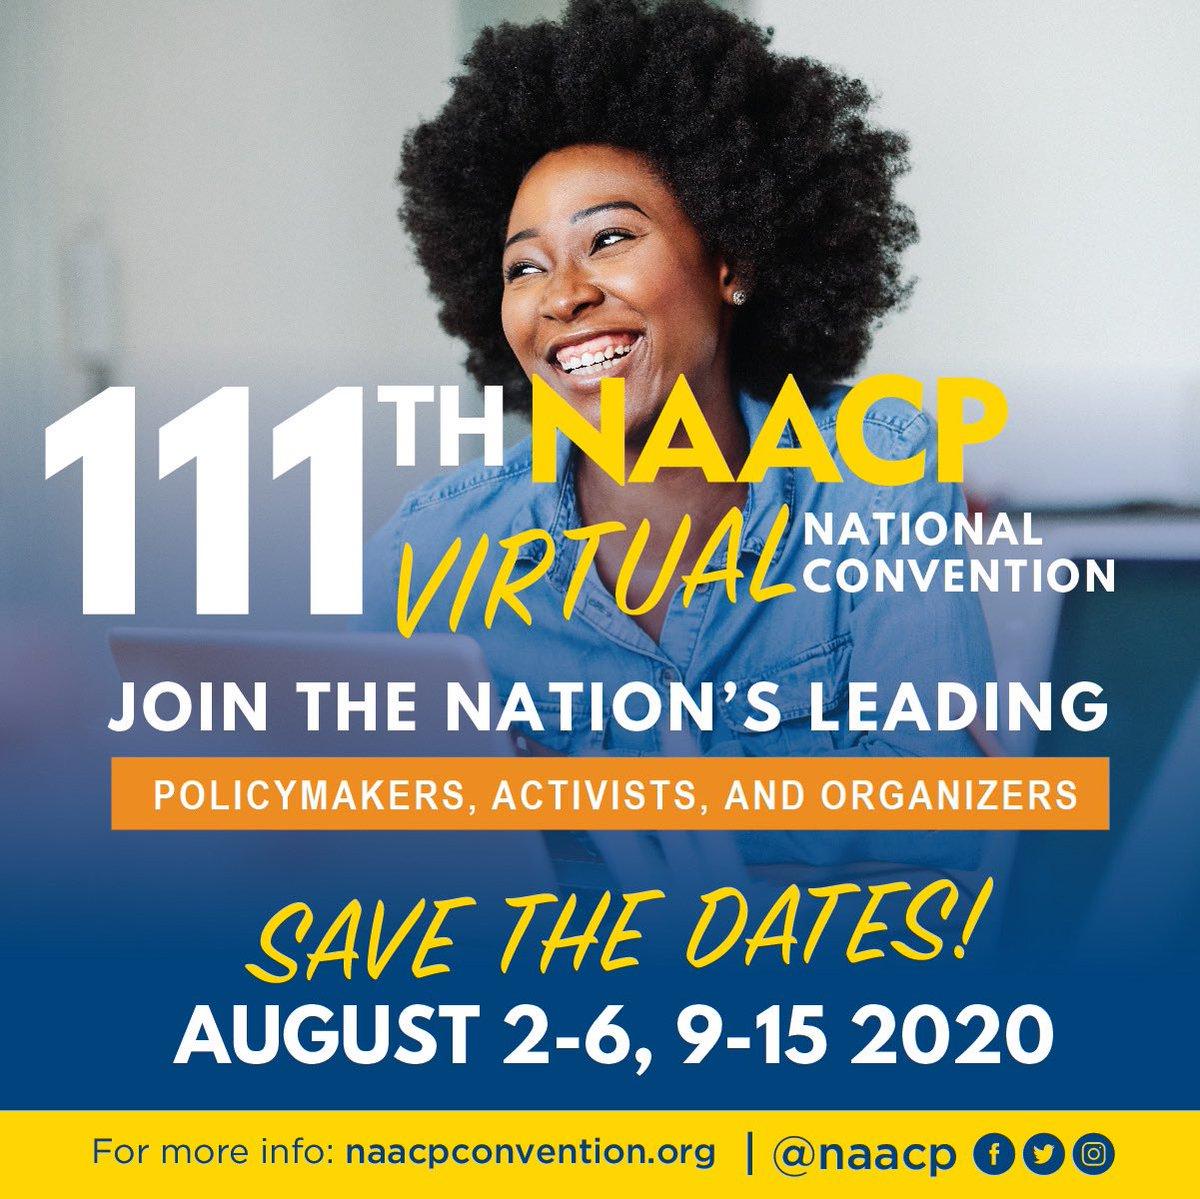 RT <a target='_blank' href='http://twitter.com/NAACP'>@NAACP</a>: SAVE THE DATE   The 2020 <a target='_blank' href='http://search.twitter.com/search?q=NAACPNationalConvention'><a target='_blank' href='https://twitter.com/hashtag/NAACPNationalConvention?src=hash'>#NAACPNationalConvention</a></a>  is almost here. <a target='_blank' href='https://t.co/EPcAi5jT1A'>https://t.co/EPcAi5jT1A</a>